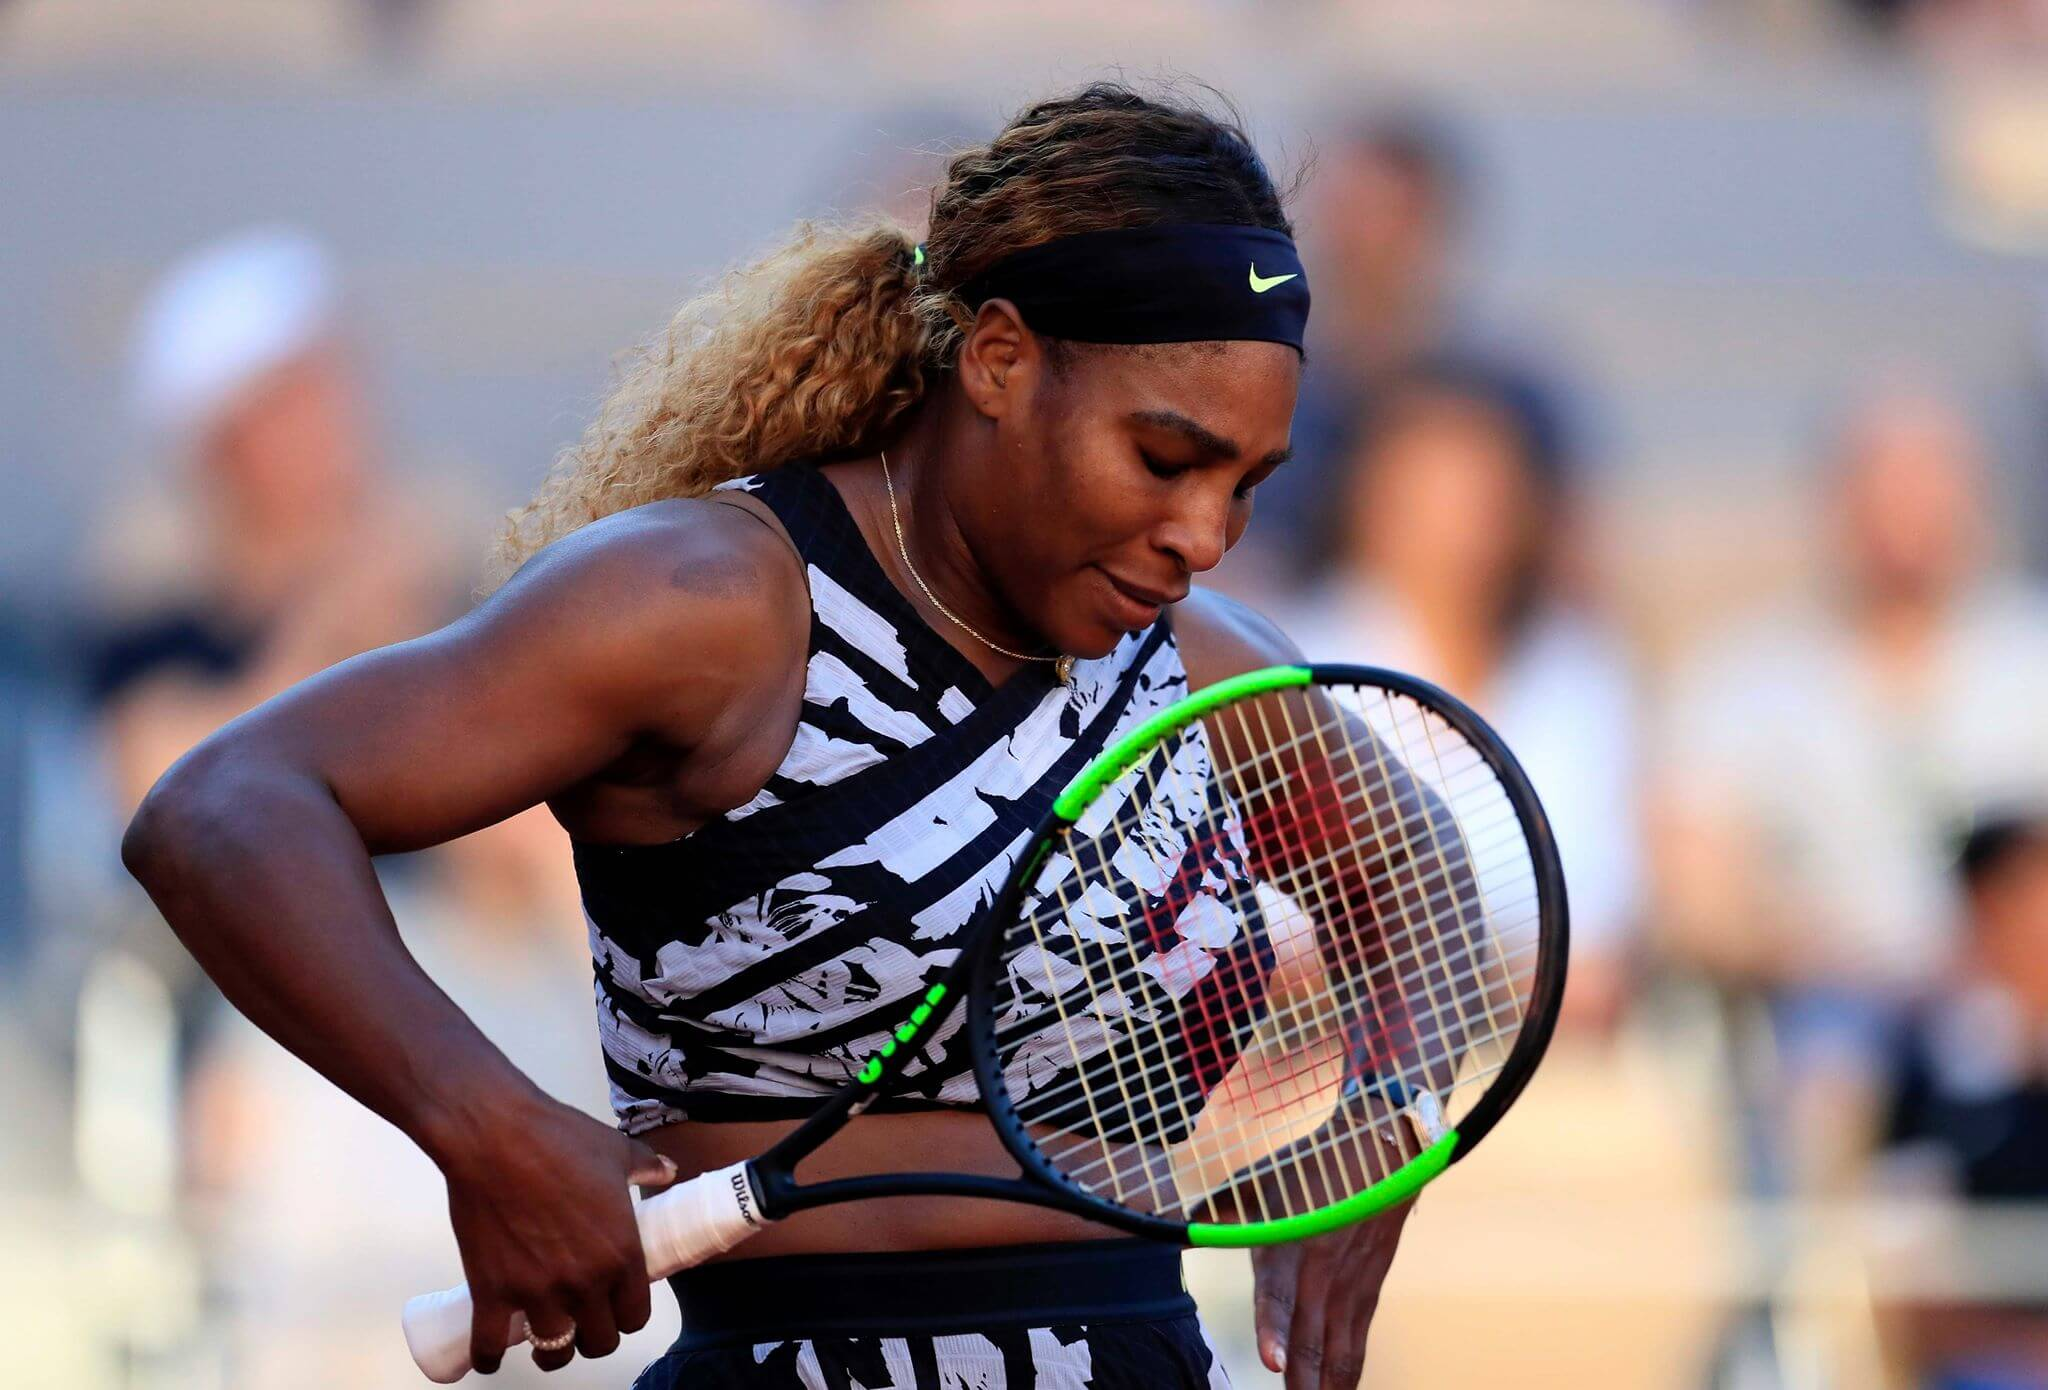 Κατέβασε… ρολά και η WTA! Τέλος το τένις μέχρι τις 2 Μαΐου!